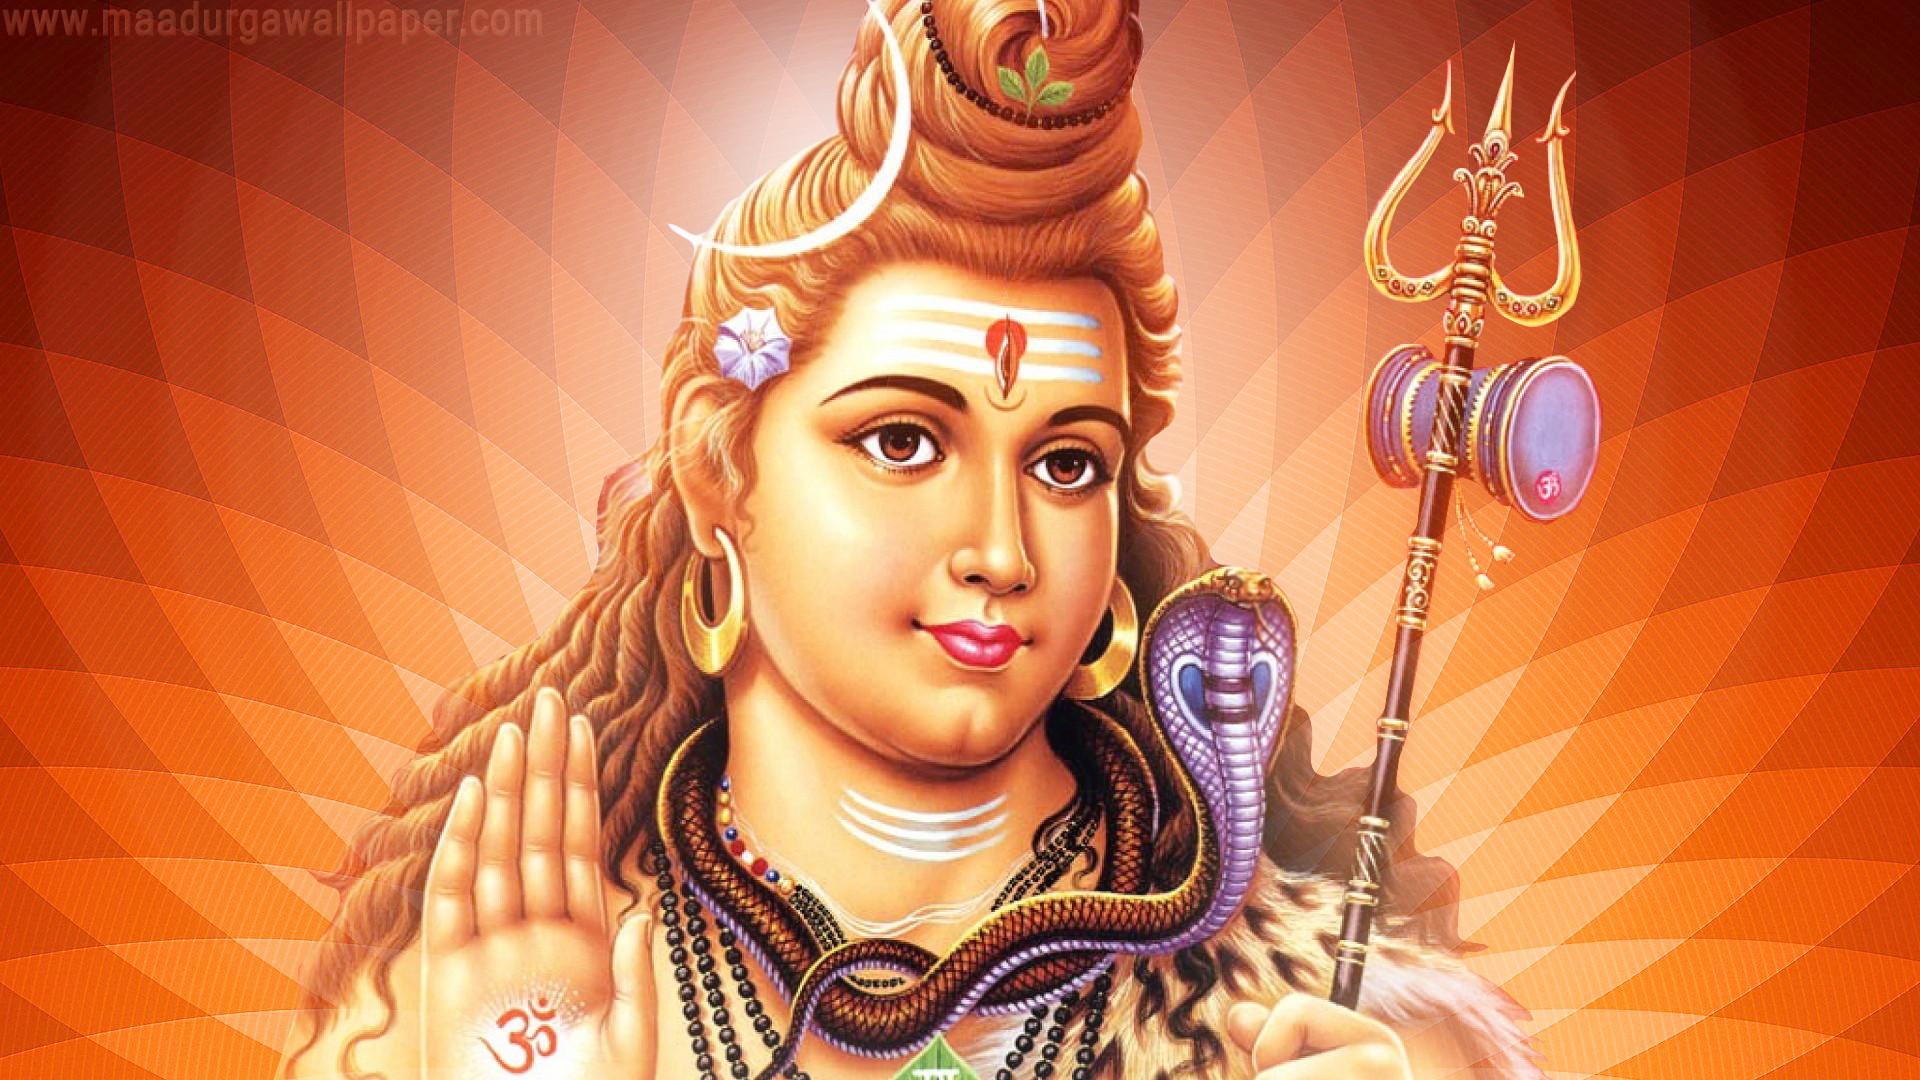 Lord Mahesh Wallpaper